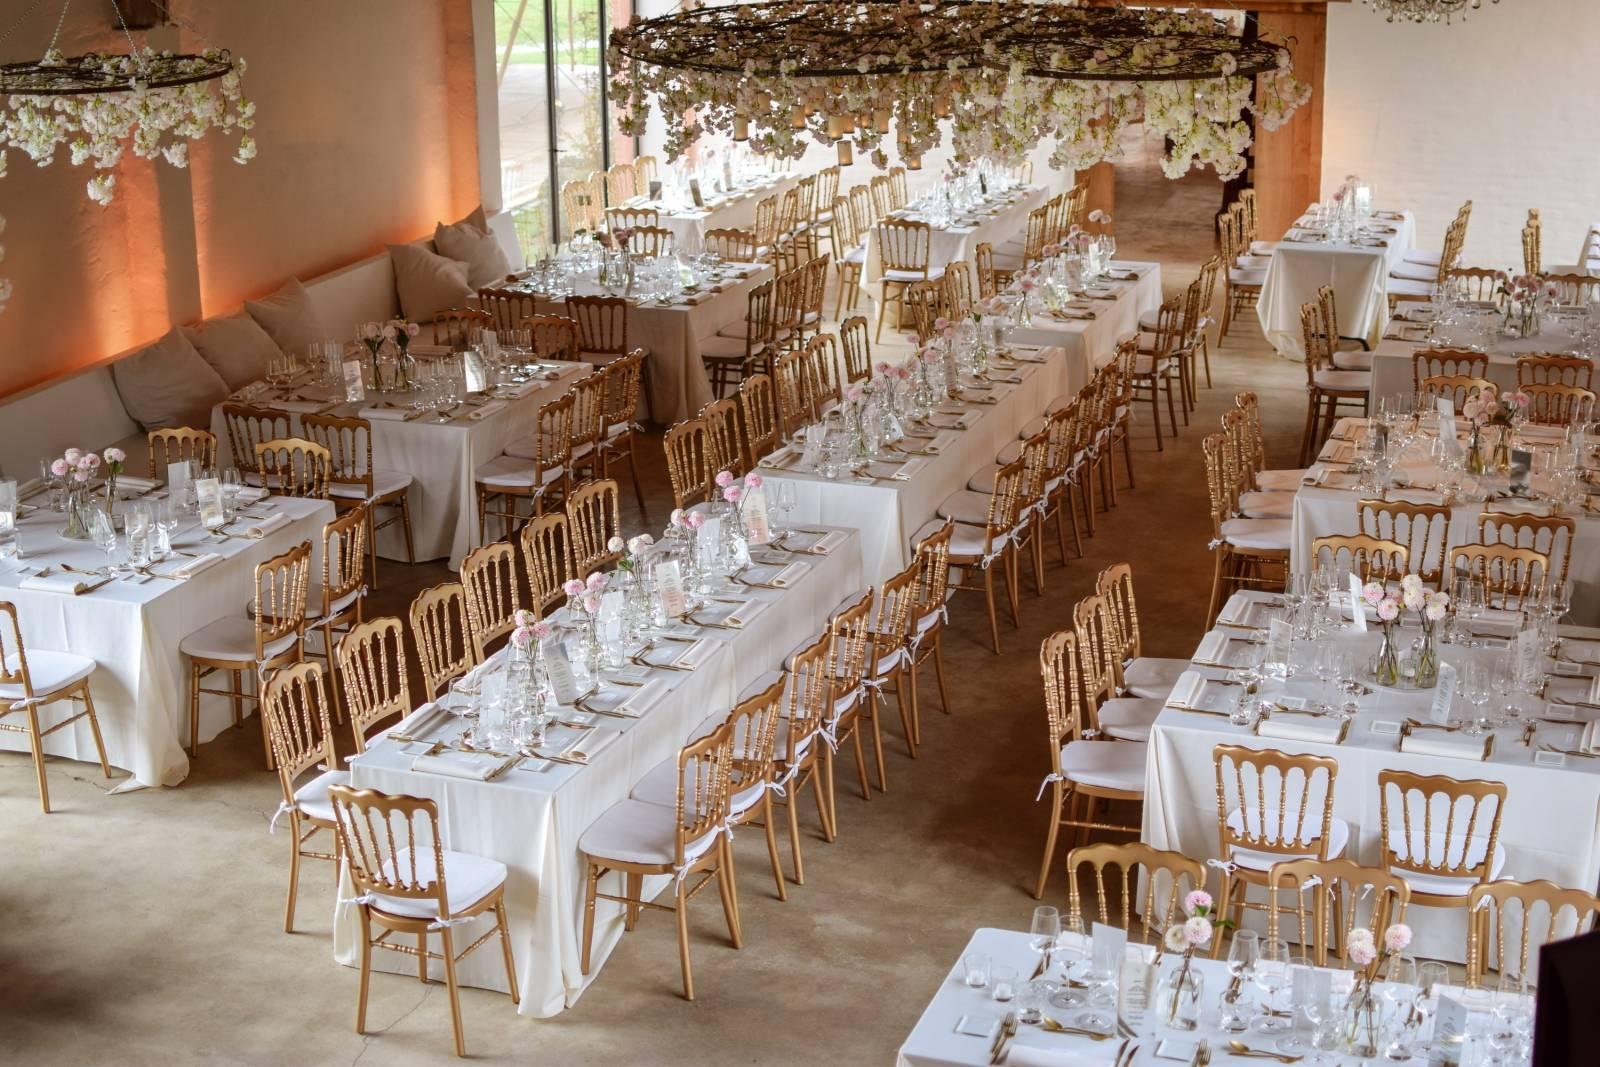 Degroote Bloemen - Bloemist - Bruidsboeket - Bloemen Huwelijk - Trouwen - House of Weddings - 24